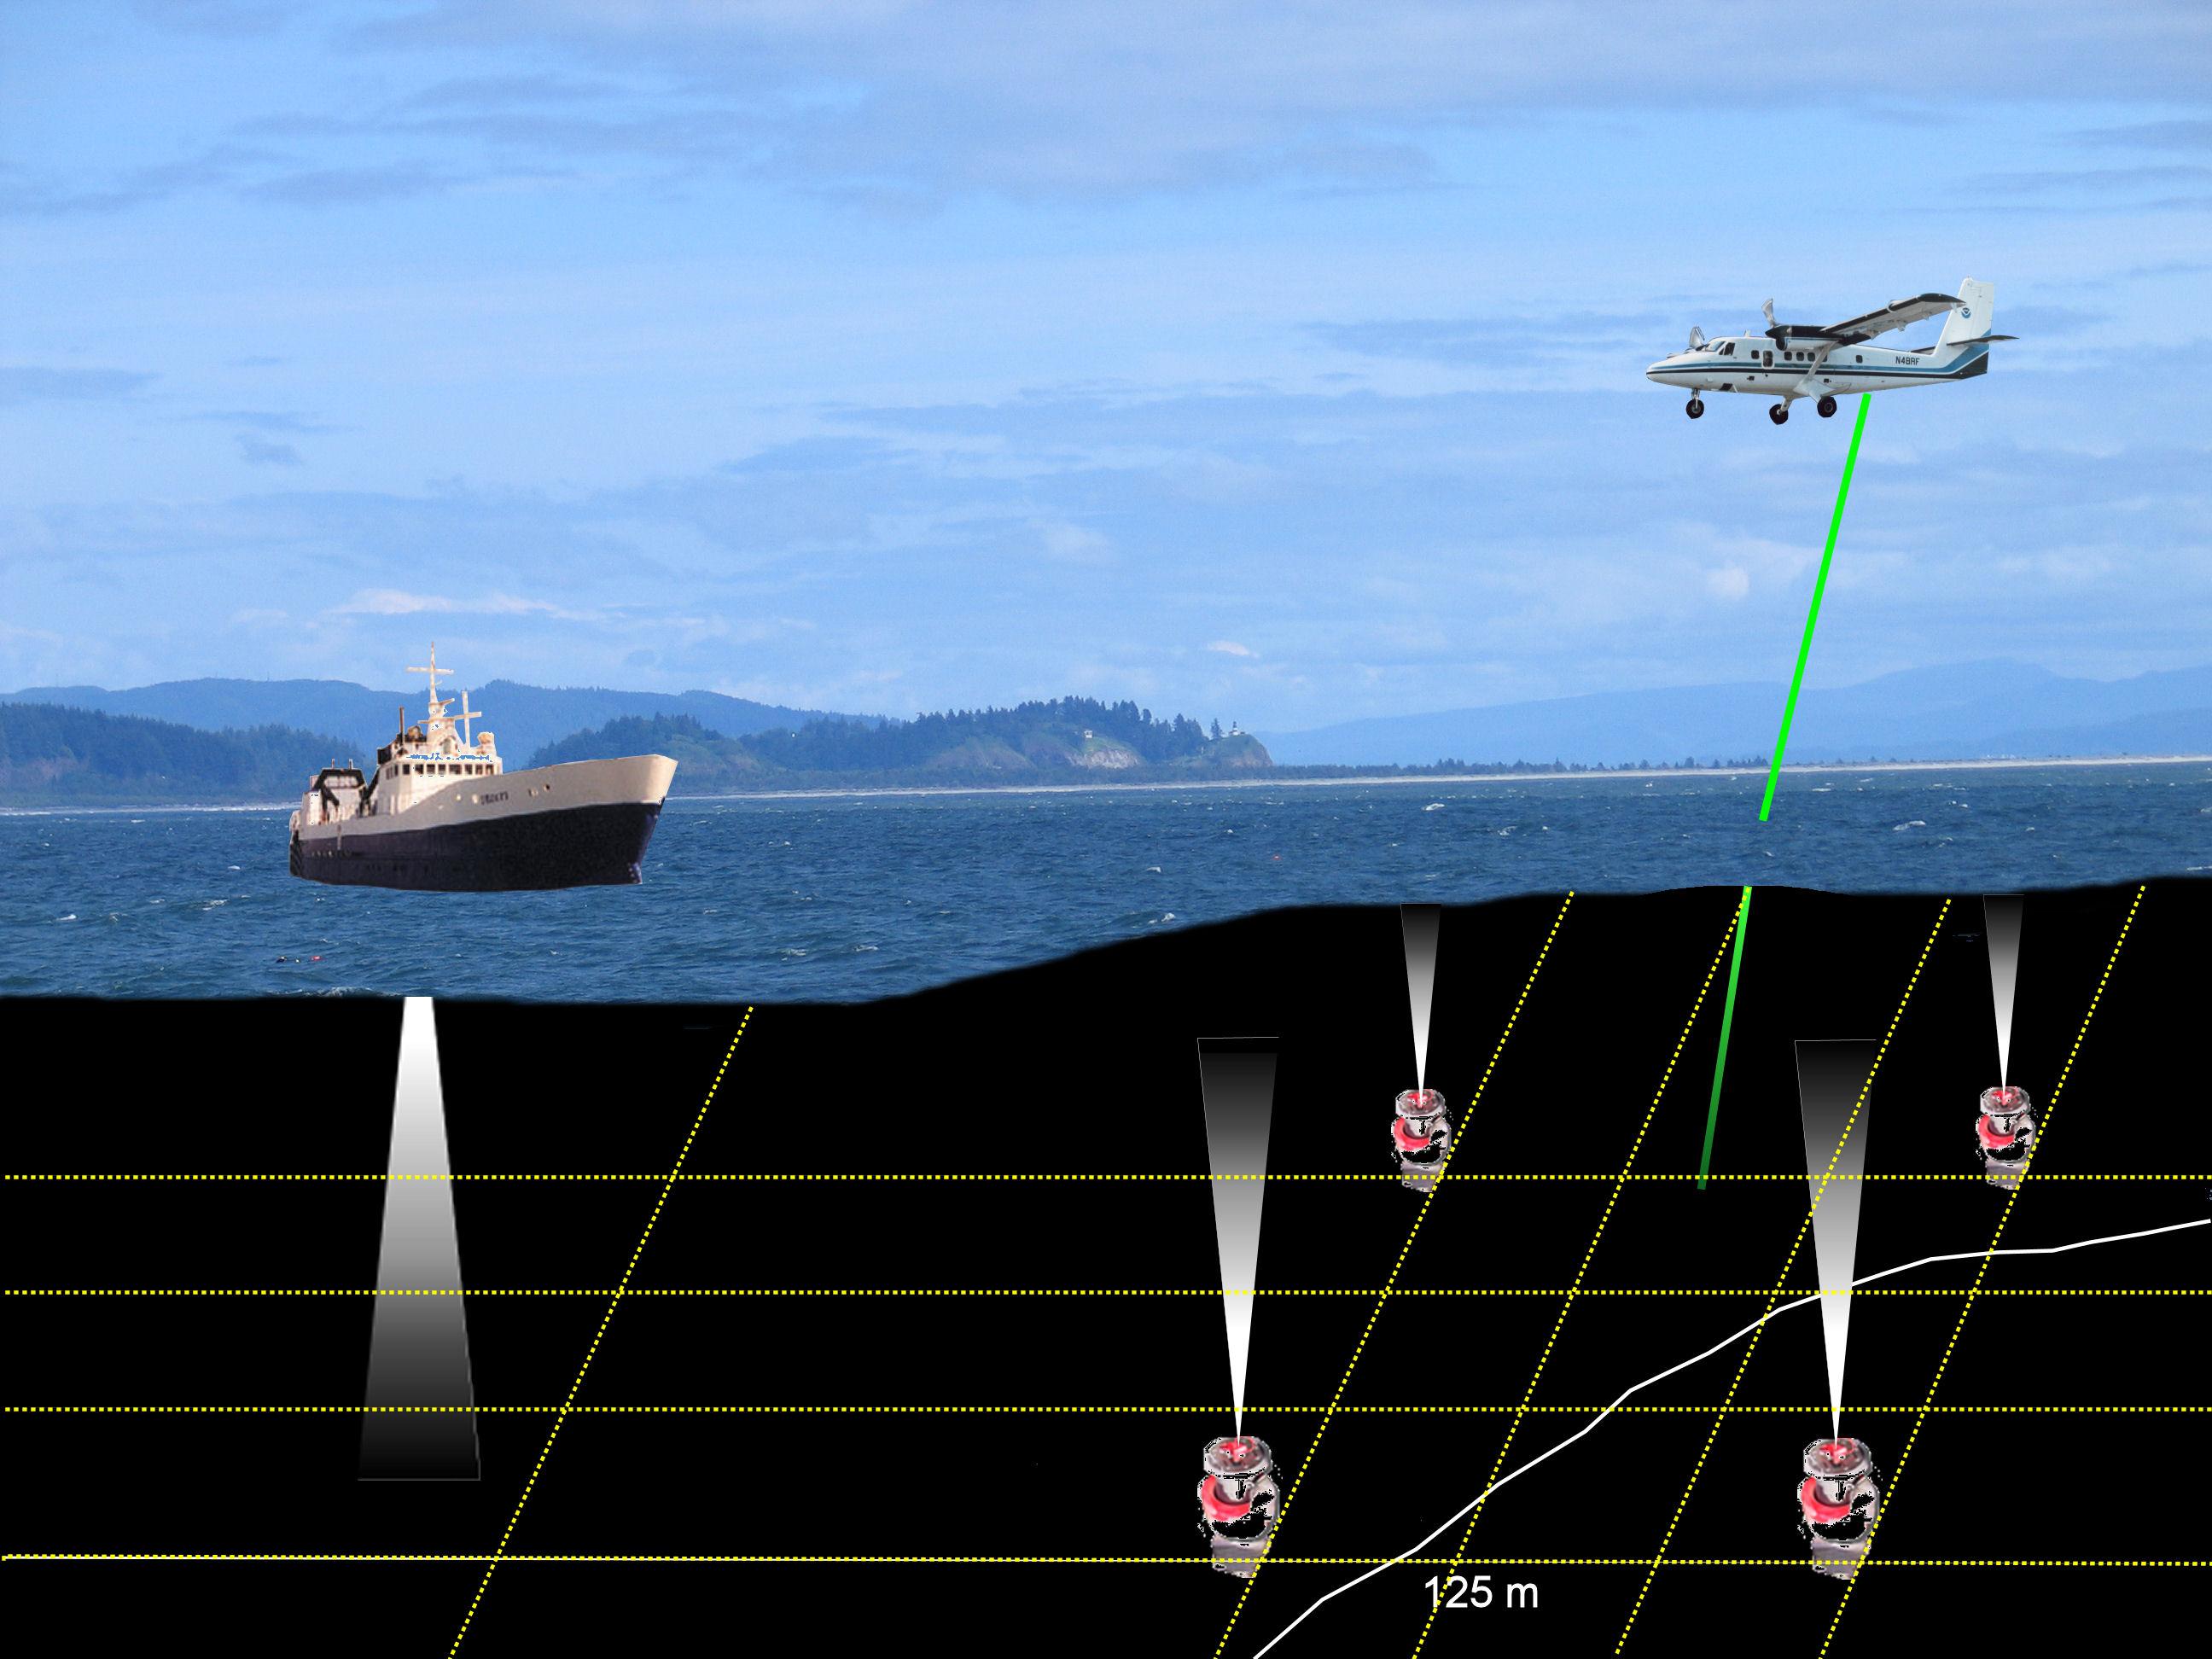 Resultado de imagen para LIDAR + ship